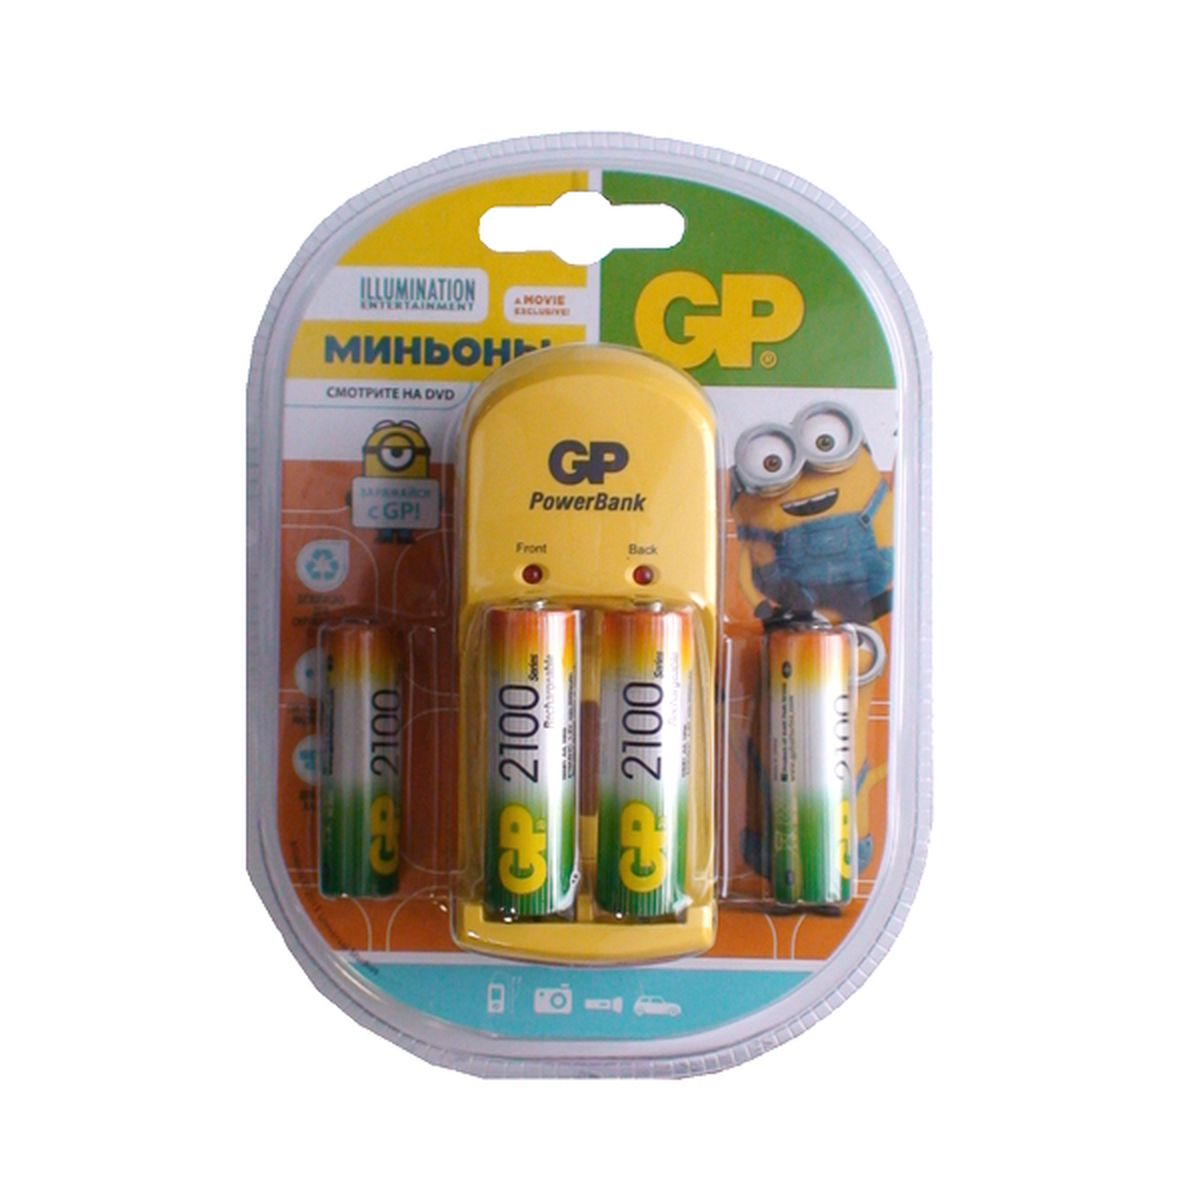 Зарядное устройство для аккумуляторов GP Batteries + 4 АА (2100 mAh)10572Простое в использовании зарядное устройство GP Batteries предназначено для зарядки никель-металлогидридных аккумуляторов. Заряжает аккумуляторы АА любой мощности. Два независимых канала позволяют заряжать 2 аккумулятора AA одновременно. Светодиодные индикаторы показывают уровень зарядки батарей. В устройстве предусмотрена автоматическая защита от перегрузки и перегрева. В комплект входят: 4 аккумулятора типа AA (2100 mAh).